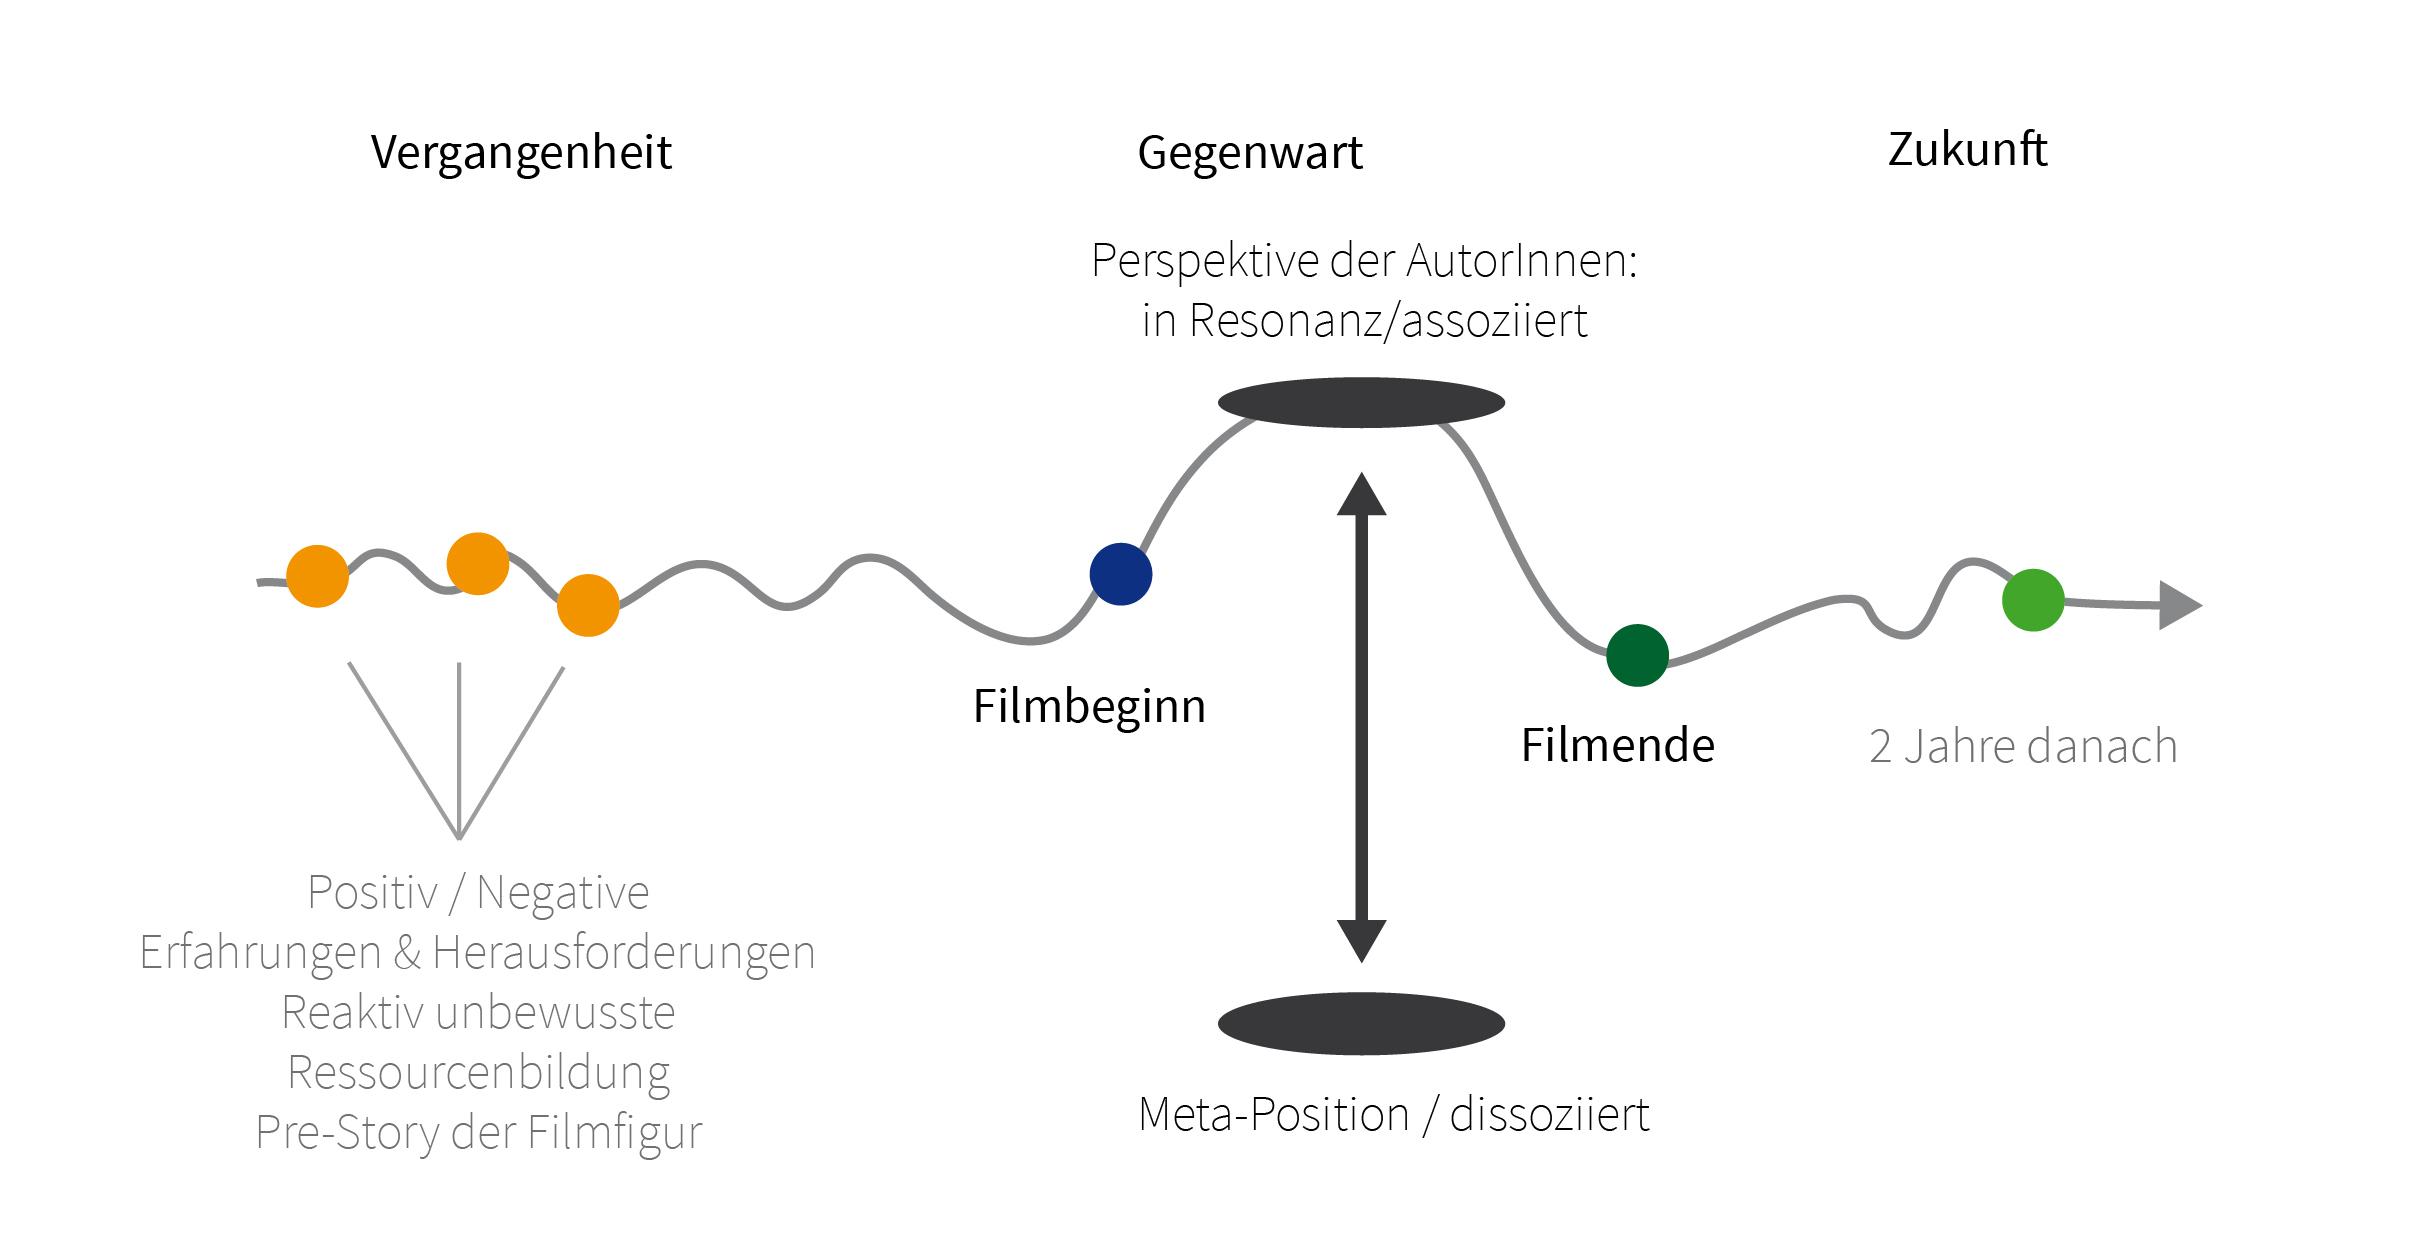 Timeline, Film, Vergangenheit, Gegenwart, Zukunft, Schreibblockade, Schreibhilfe, Modell, Methodik, Hero's Timeline